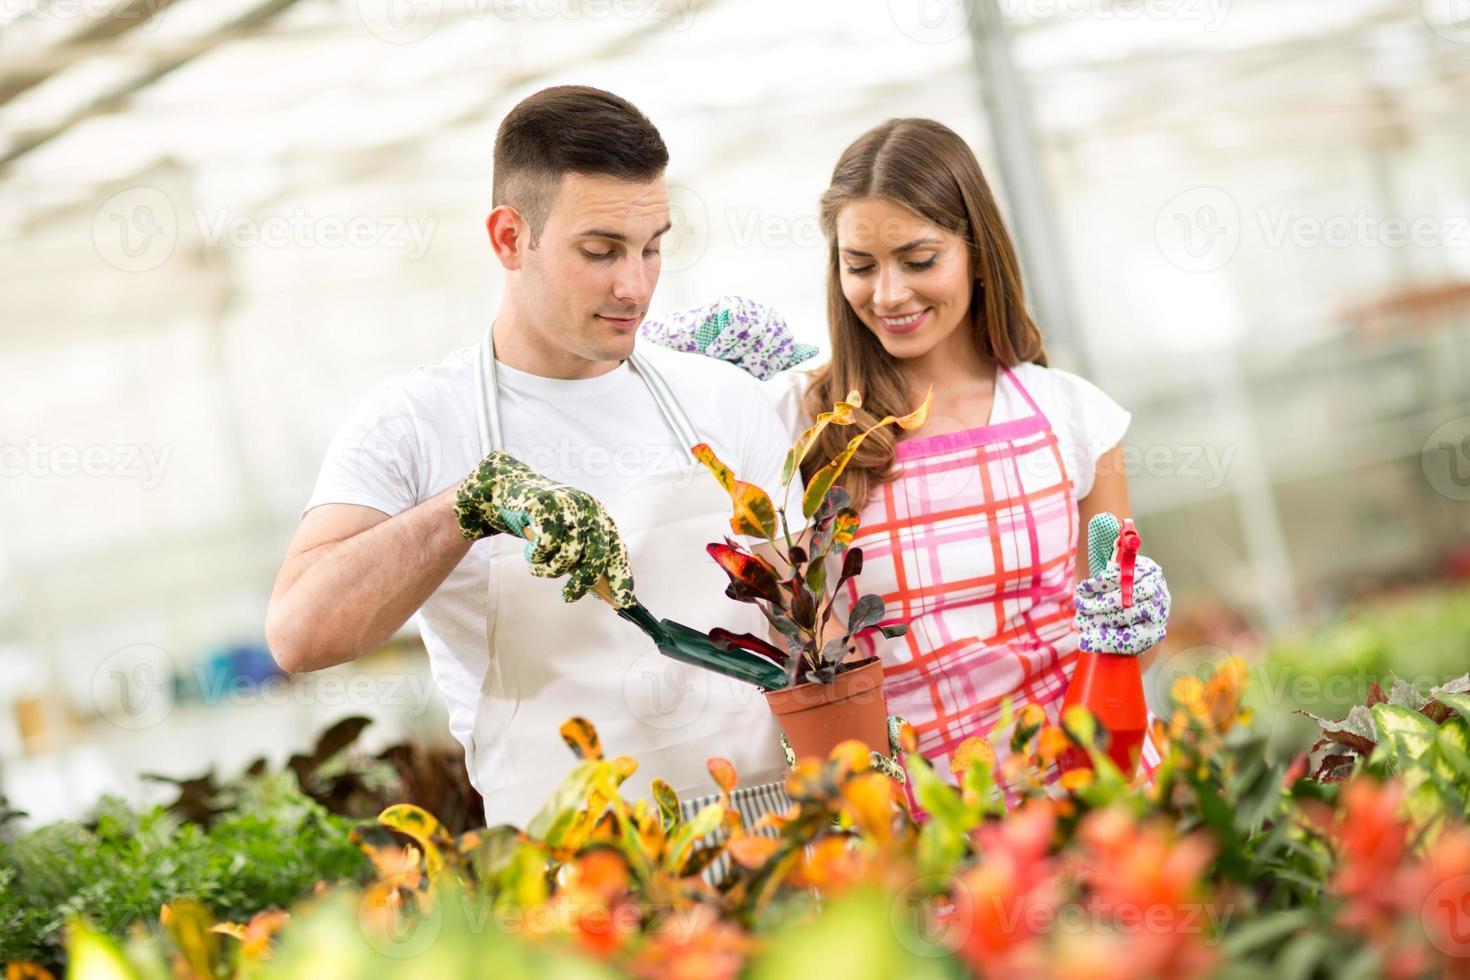 plantando e cuidando da planta croton em estufa foto